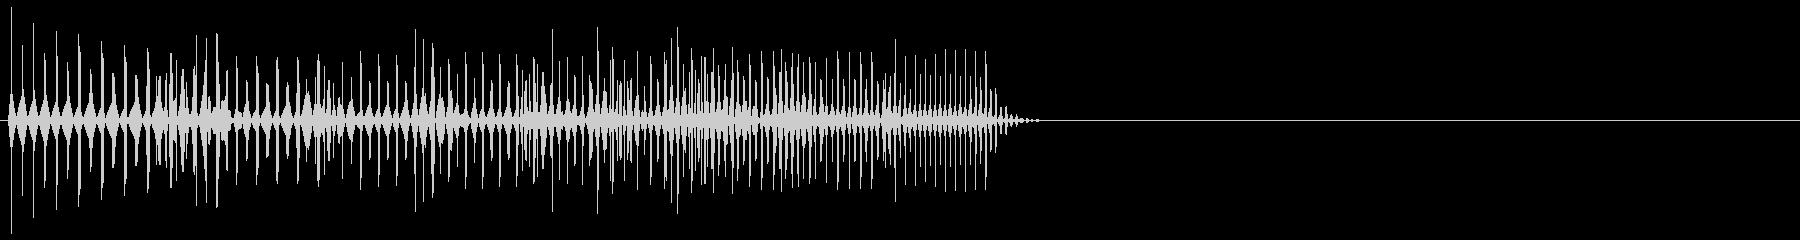 ブルルル 上昇(アクセント・装飾音)の未再生の波形